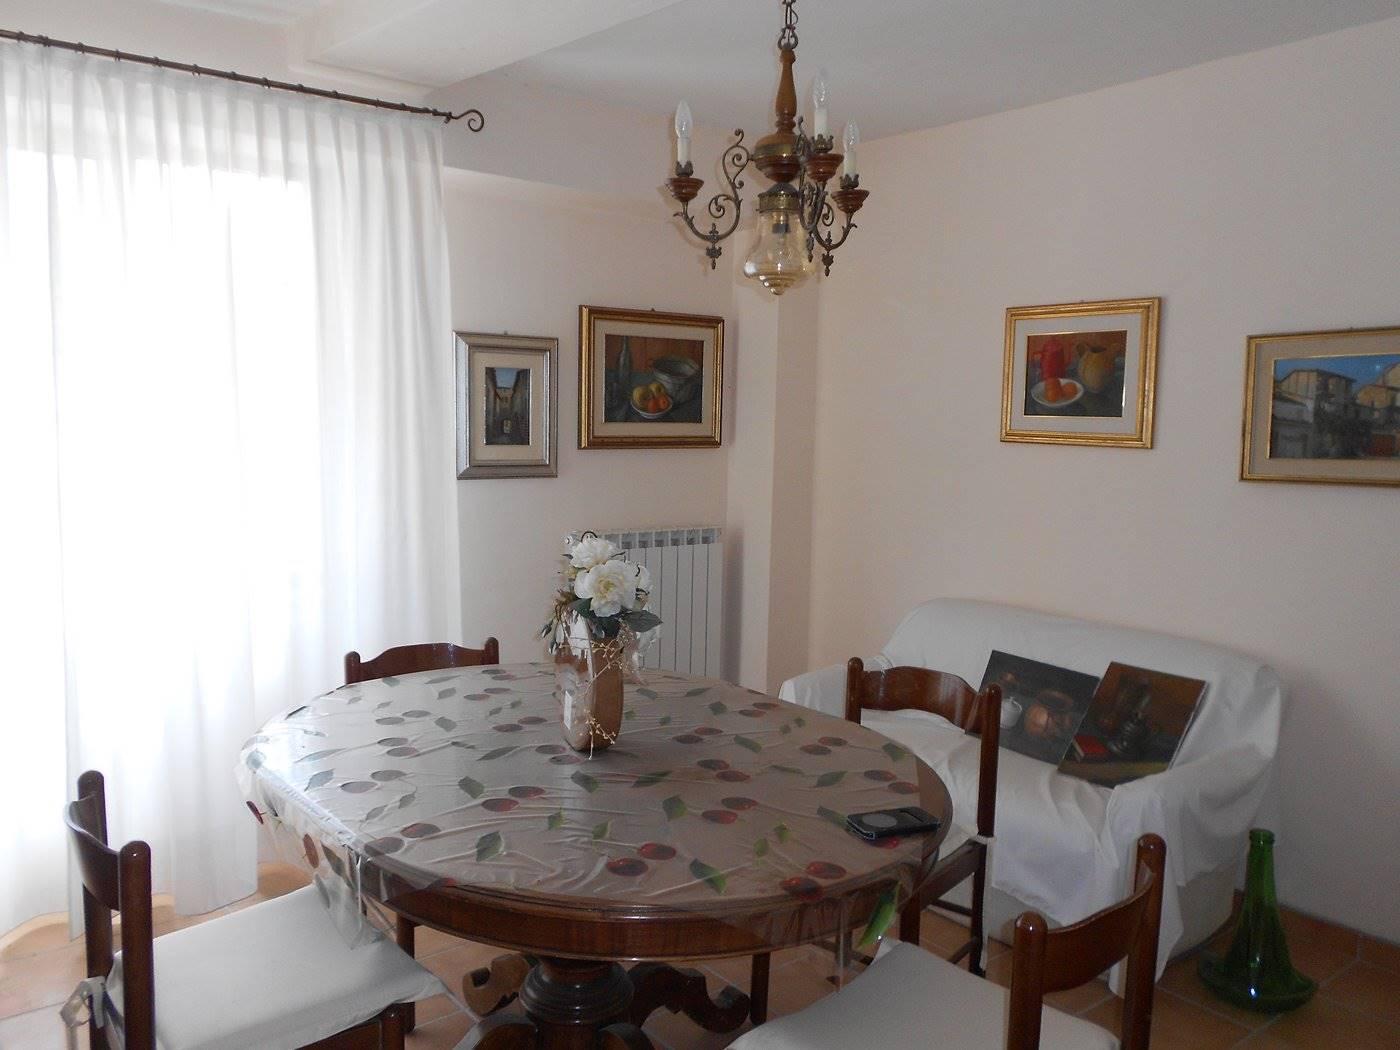 Appartamento in vendita a Spoleto, 4 locali, zona Località: CENTRO STORICO, prezzo € 120.000 | CambioCasa.it